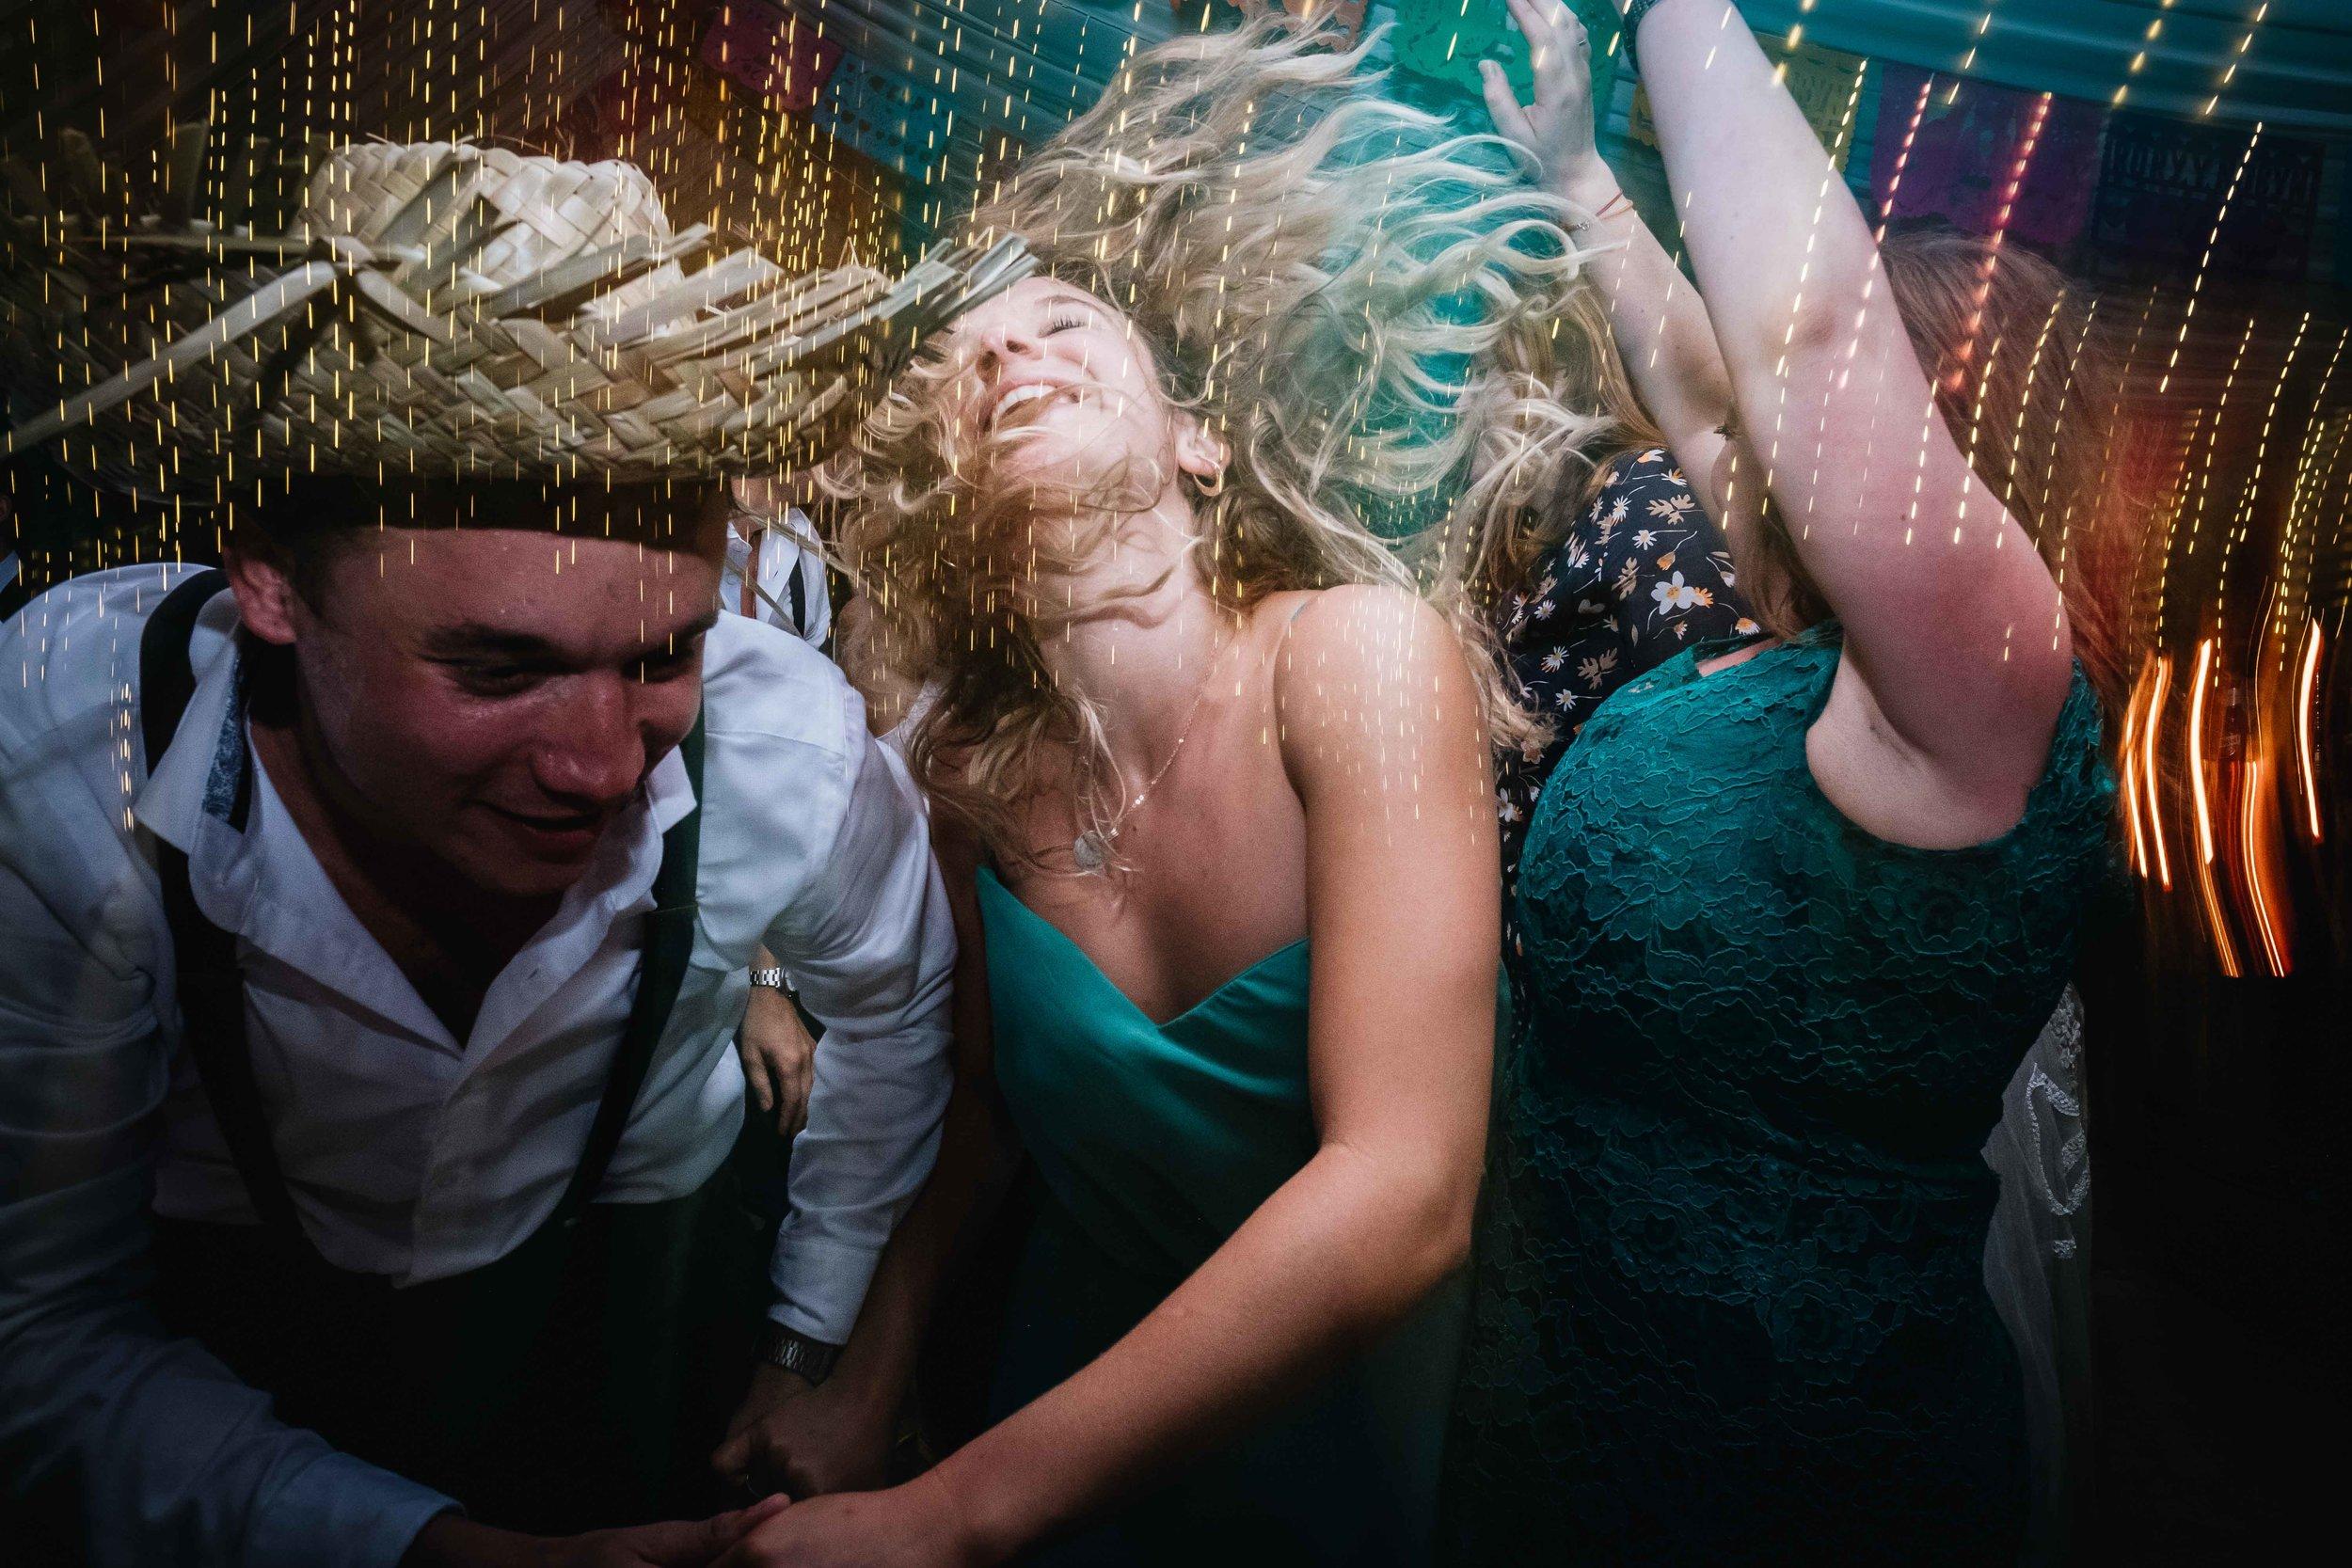 vigorous dancing